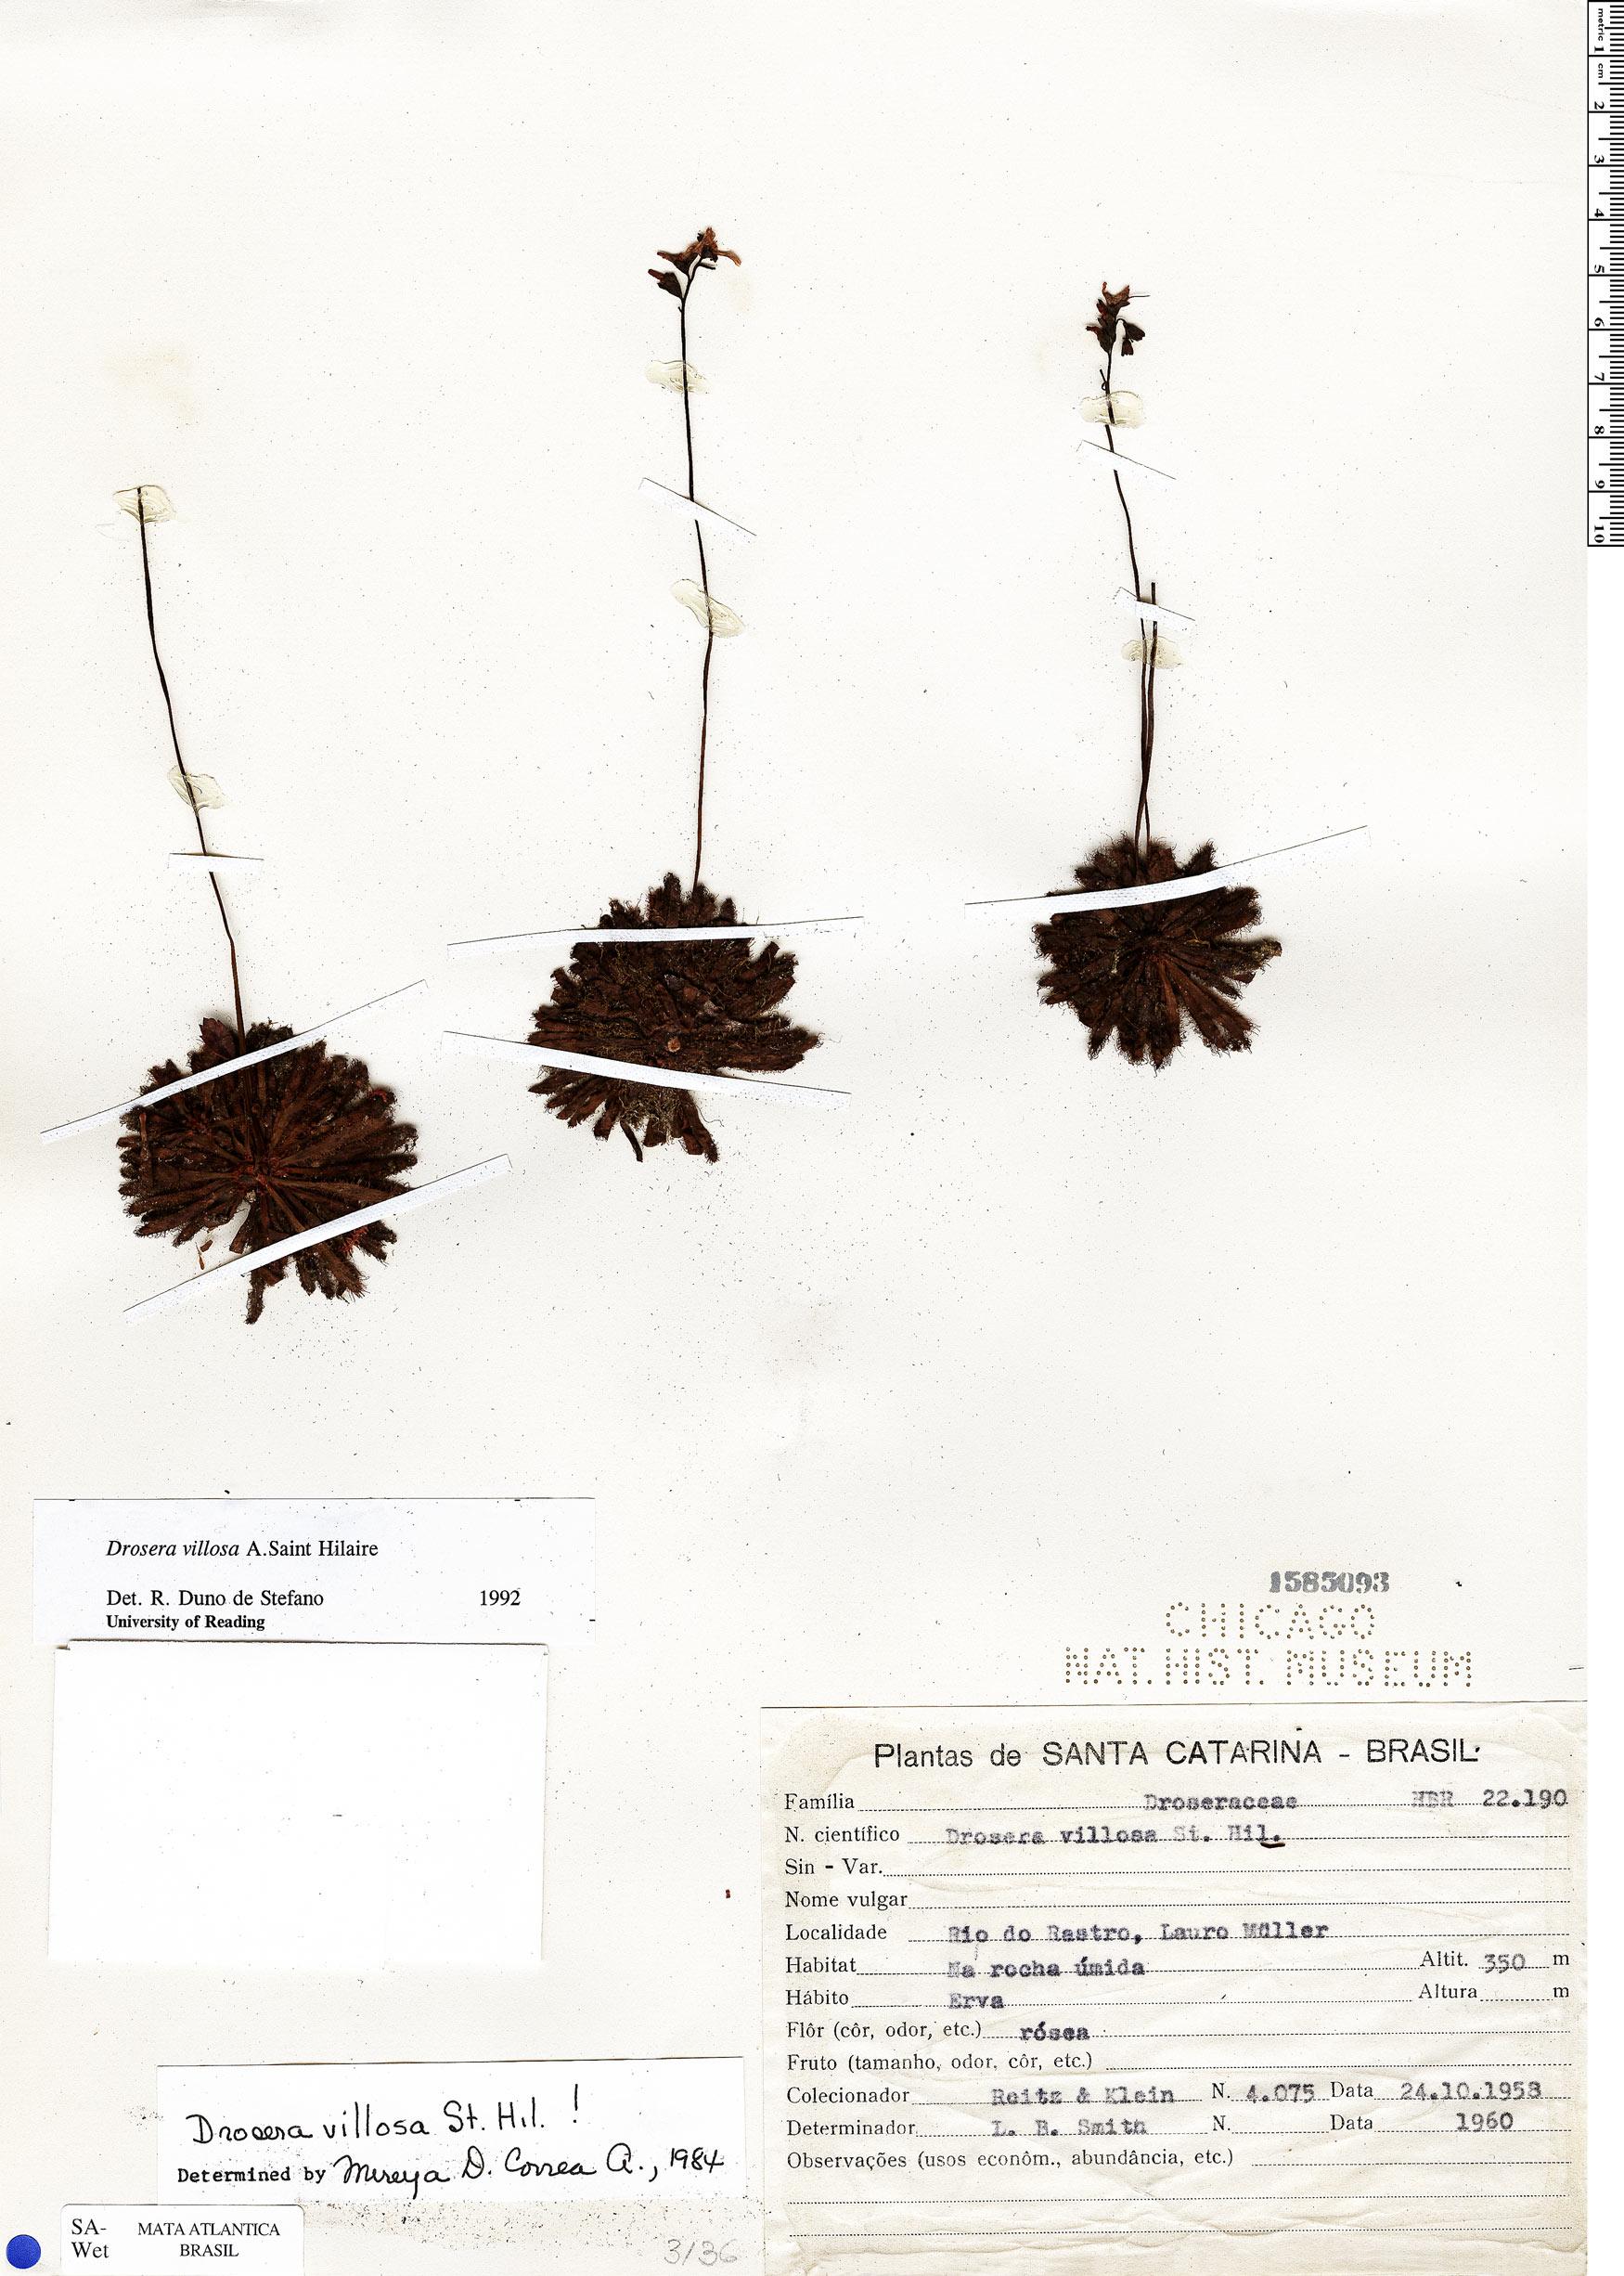 Specimen: Drosera villosa